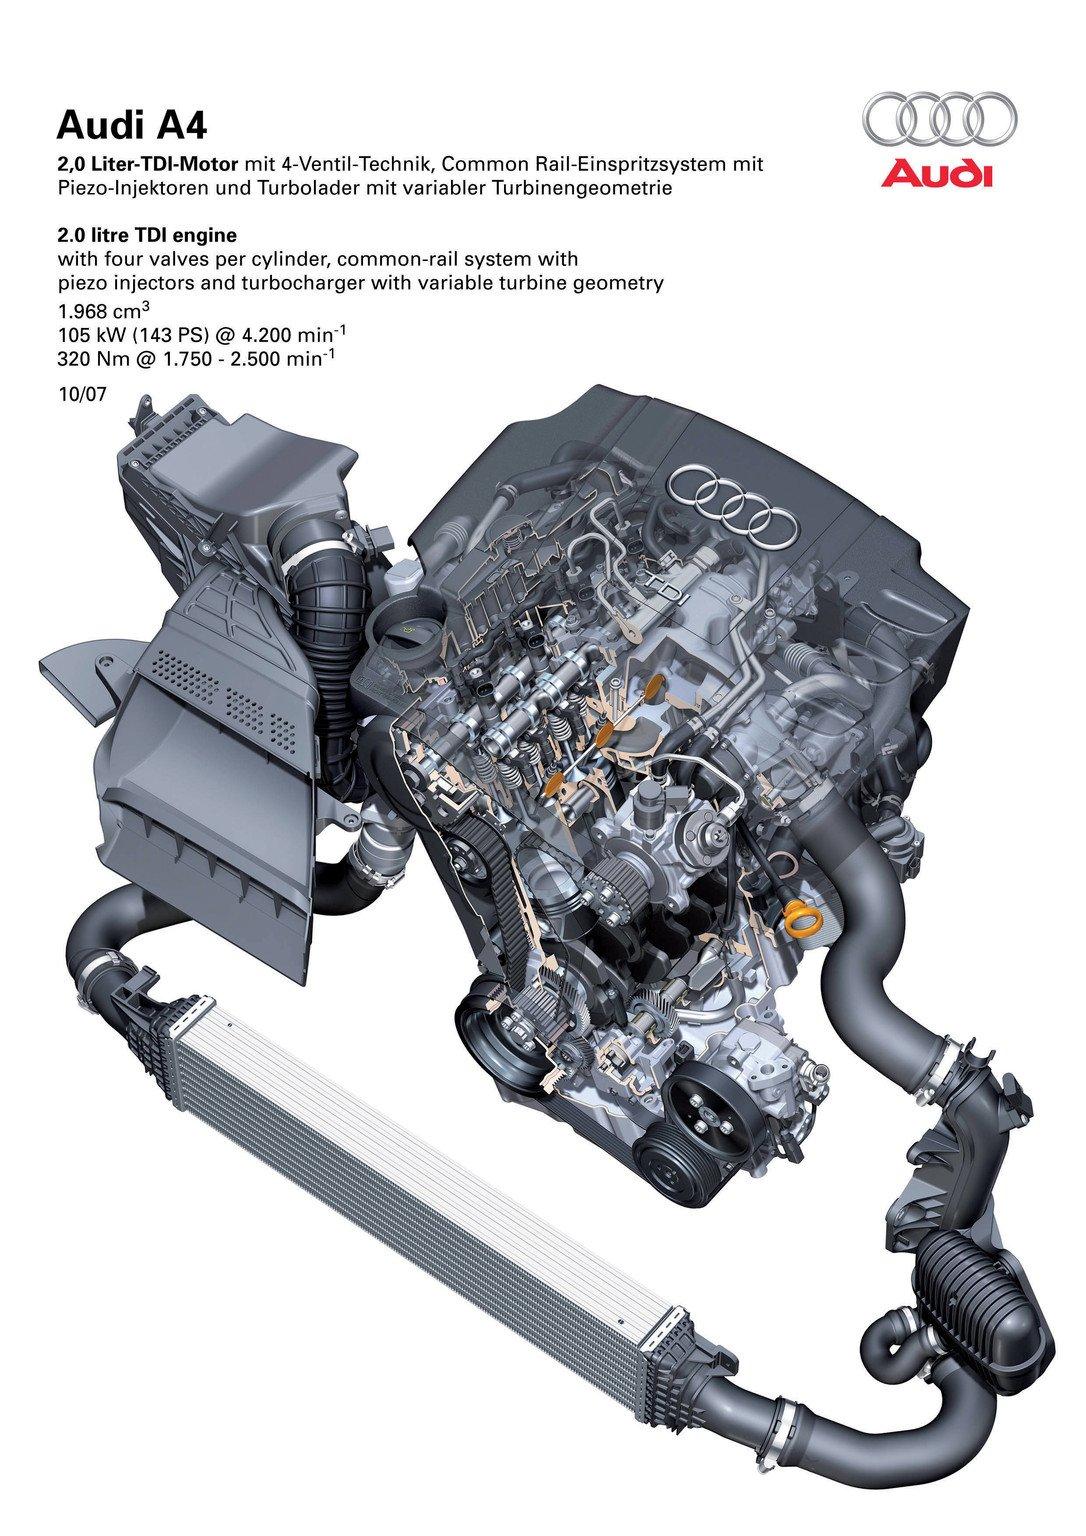 anular la v u00e1lvula egr en los tdi  u00bfde verdad baja el consumo 2010 ford escape manual transmission reviews 2010 ford escape workshop manual pdf